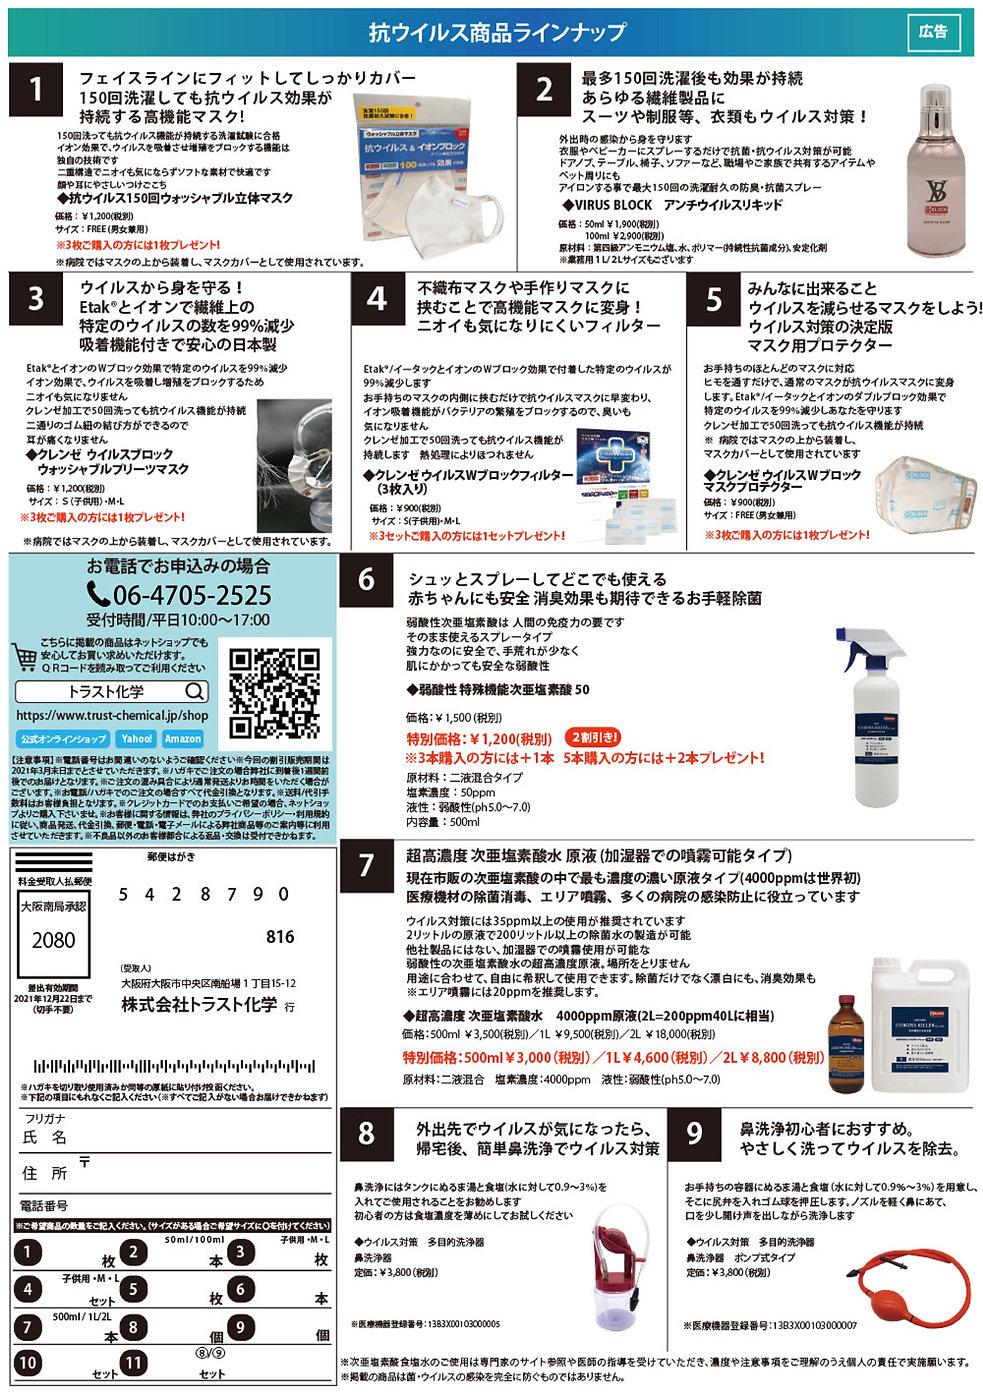 ライフサイエンス新聞-4-01.jpg